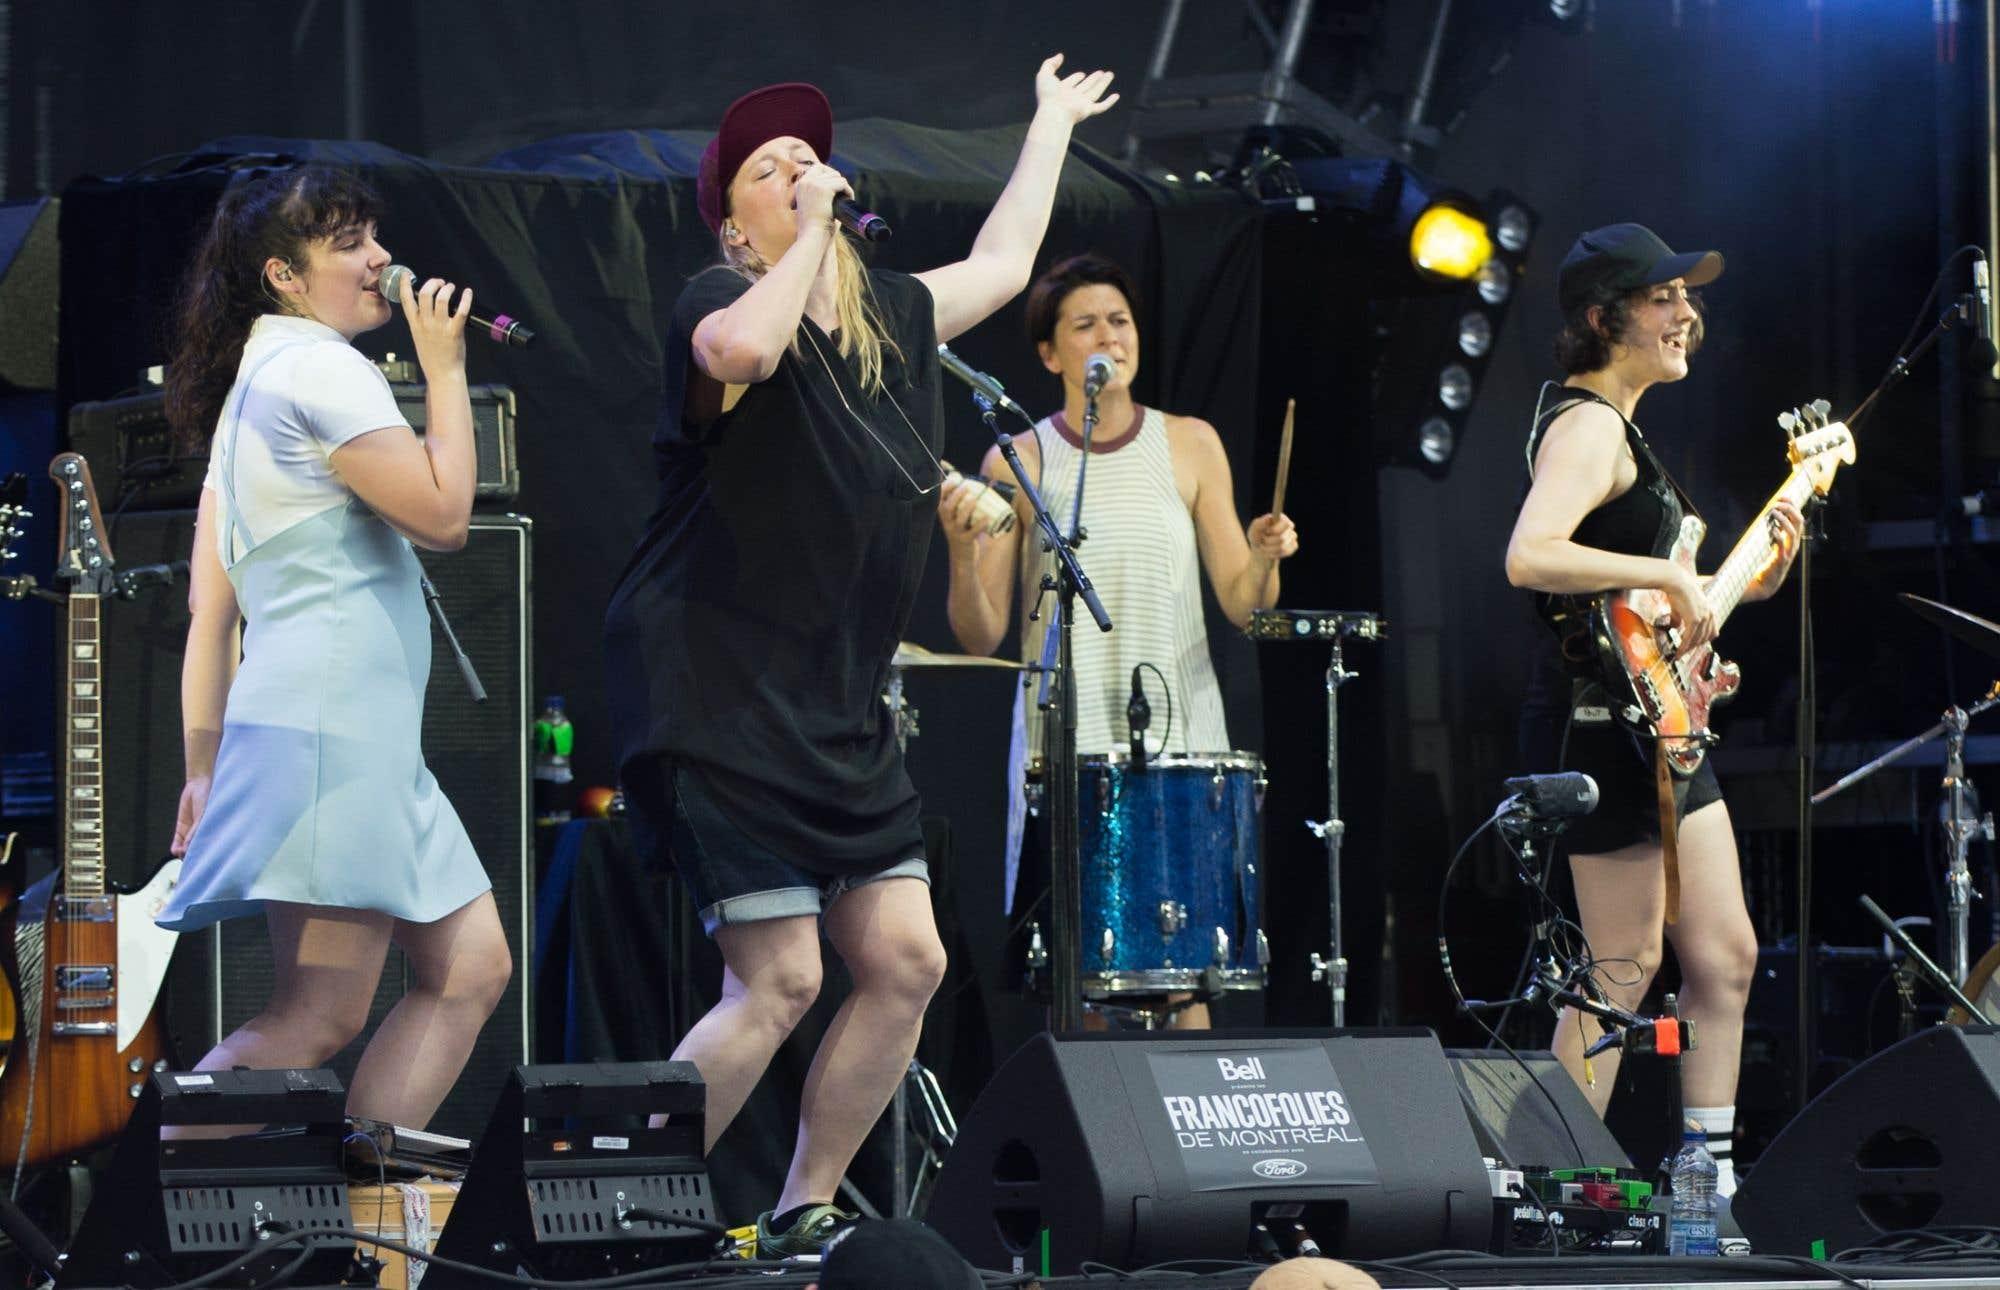 Une première en 30 ans aux États-Unis : aucune musicienne ne figure parmi les 10 artistes de l'année selon le «Billboard». Le palmarès fait écho à ceux des chansons les plus écoutées sur Spotify, aux États-Unis comme au Canada, où le mâle domine outrageusement. L'année 2017 aura été celle de l'éveil à la sous-représentation des femmes dans l'industrie de la musique, un constat qui a mené au Québec à la création du regroupement Femmes en musique et à l'inauguration du chapitre montréalais de l'association internationale Women in Music. (Philippe Renaud) 